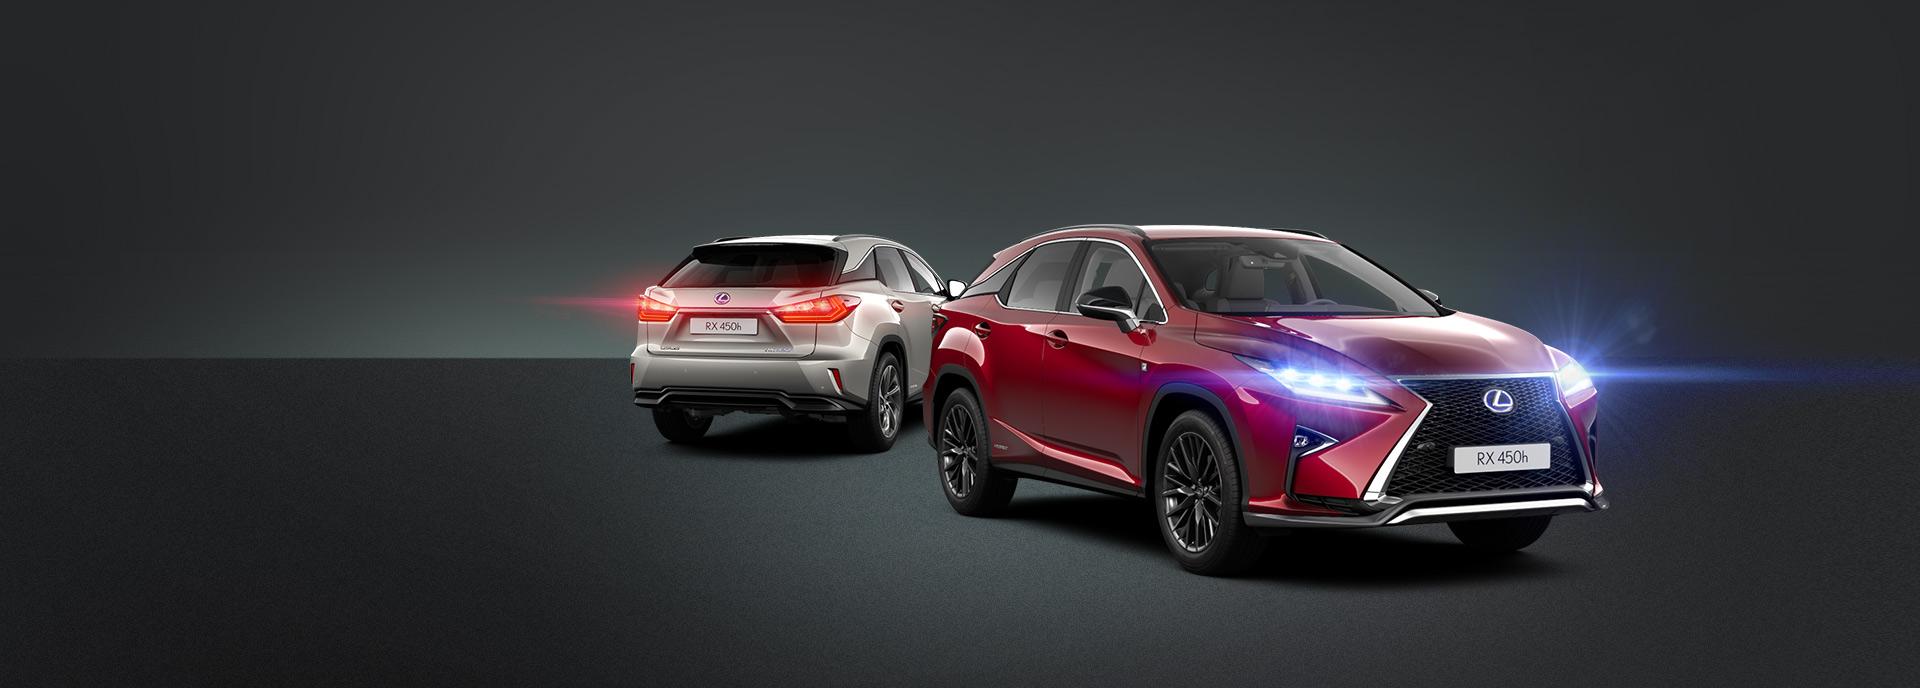 harmaa ja punainen Lexus RX 450h Hybrid